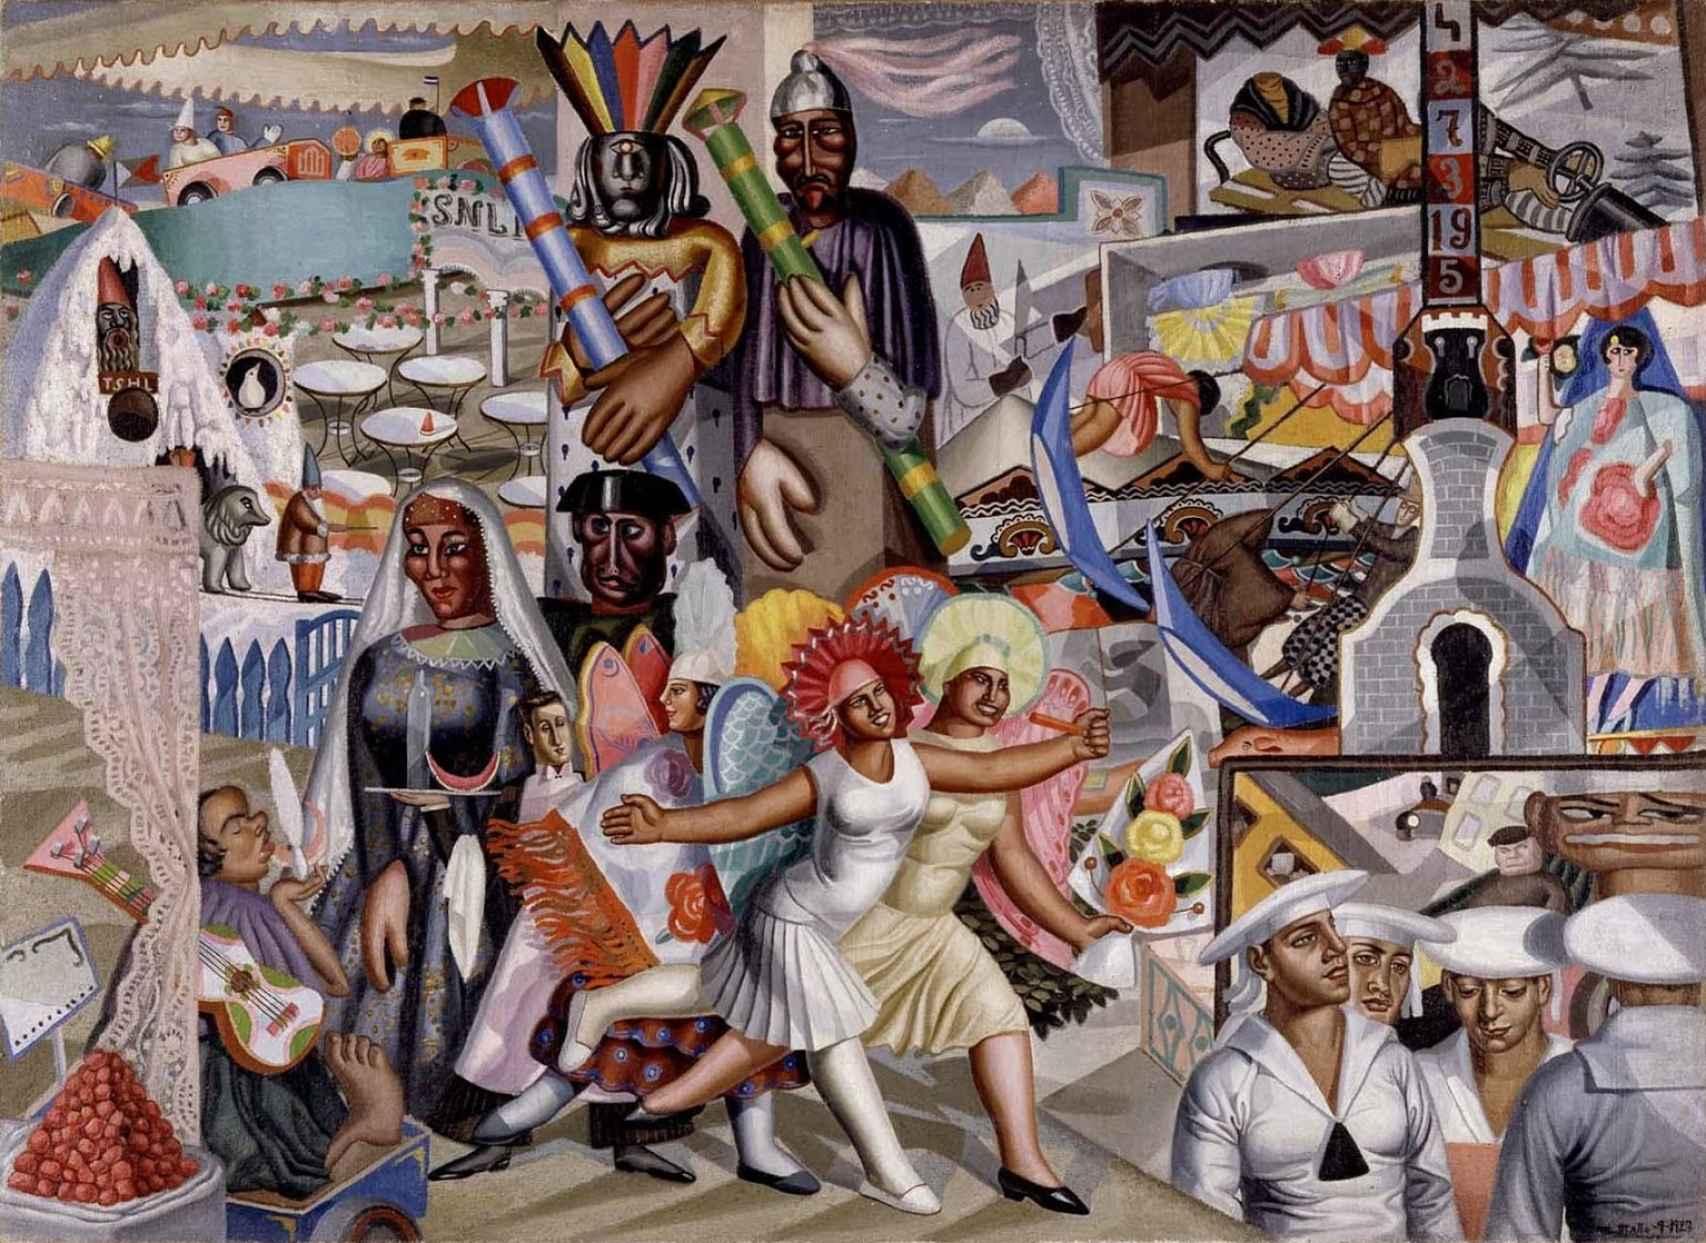 La verbena (1927), en el Museo Nacional Centro de Arte Reina Sofía.